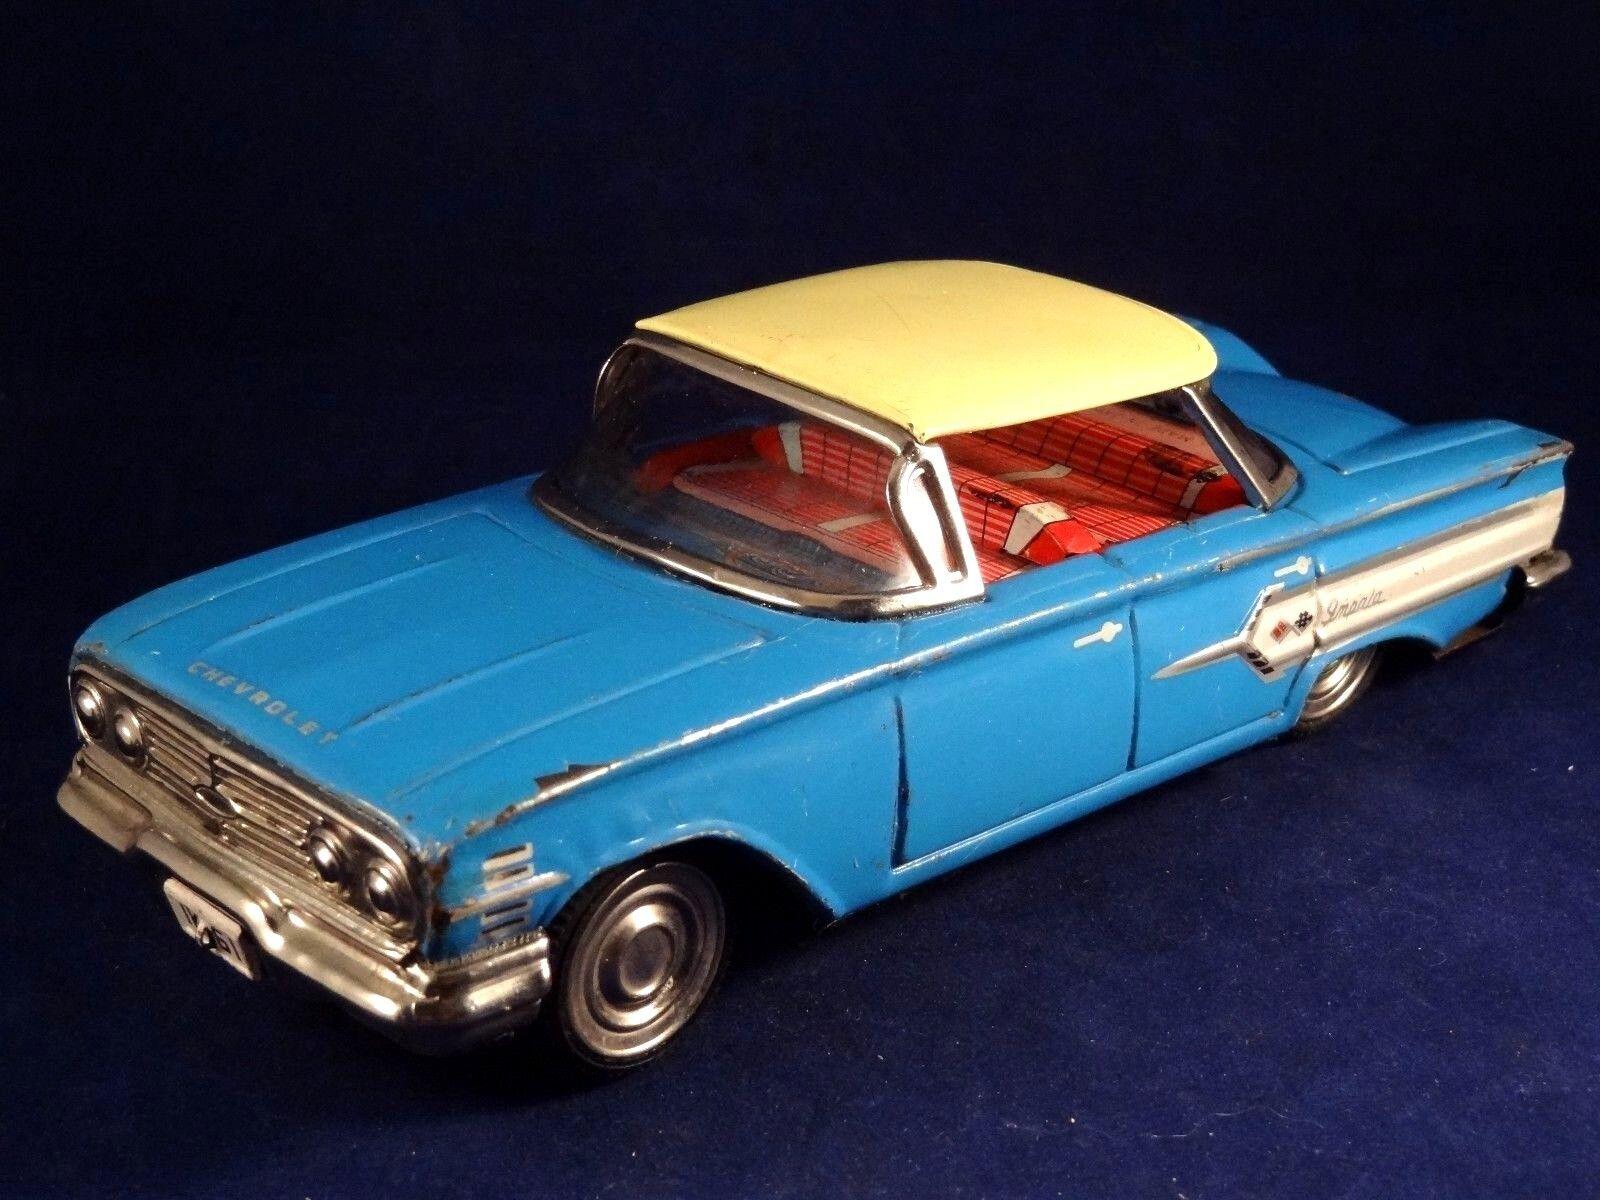 Ancien jouet jouet jouet tôle voiture Chevrolet IMPALA IK-61 Made in Japan années 50 de6c85